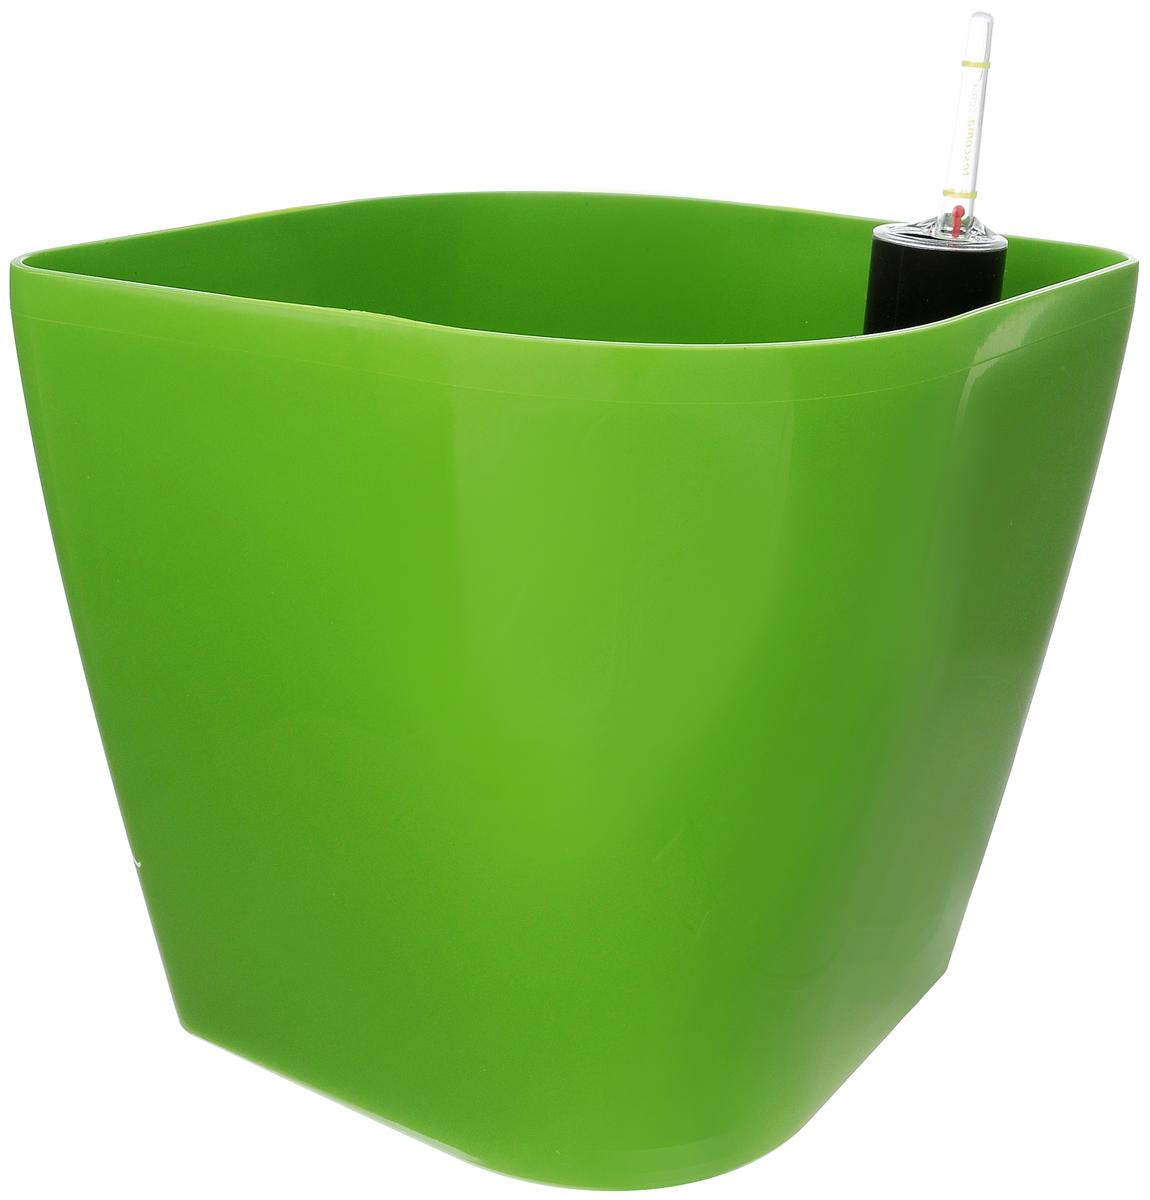 Горшок цветочный Tescoma Sense, с самополивом, цвет: зеленый, 20 х 20 х 20 см899040_зеленыйЦветочный горшок Tescoma Sense изготовлен из прочного пластика. Снабжен системой самополива, которая позволяет растению получать влагу из нижней части горшка непрерывно. Необходимо наполнять резервуар раз в 4-8 недель. Горшок подходит для выращивания растений и кактусов, имеет индикатор уровня воды. Горшок и разделительную сетку можно мыть в посудомоечной машине; не мыть индикатор уровня воды в посудомоечной машине. Инструкция по применению прилагается.